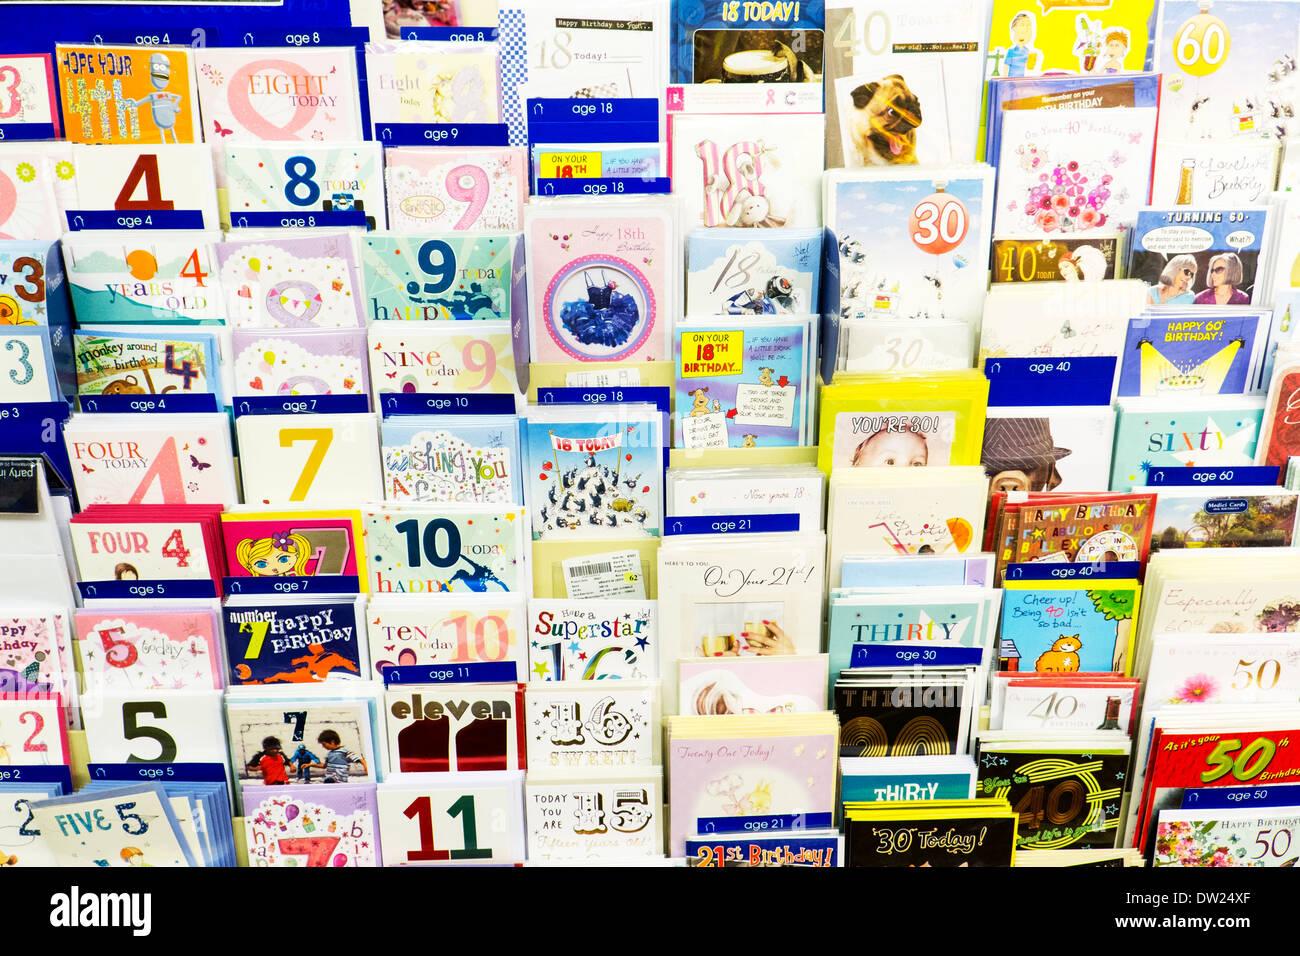 26 Ideen Geburtstagsgrusse Schwagerin Karten Geburtstag